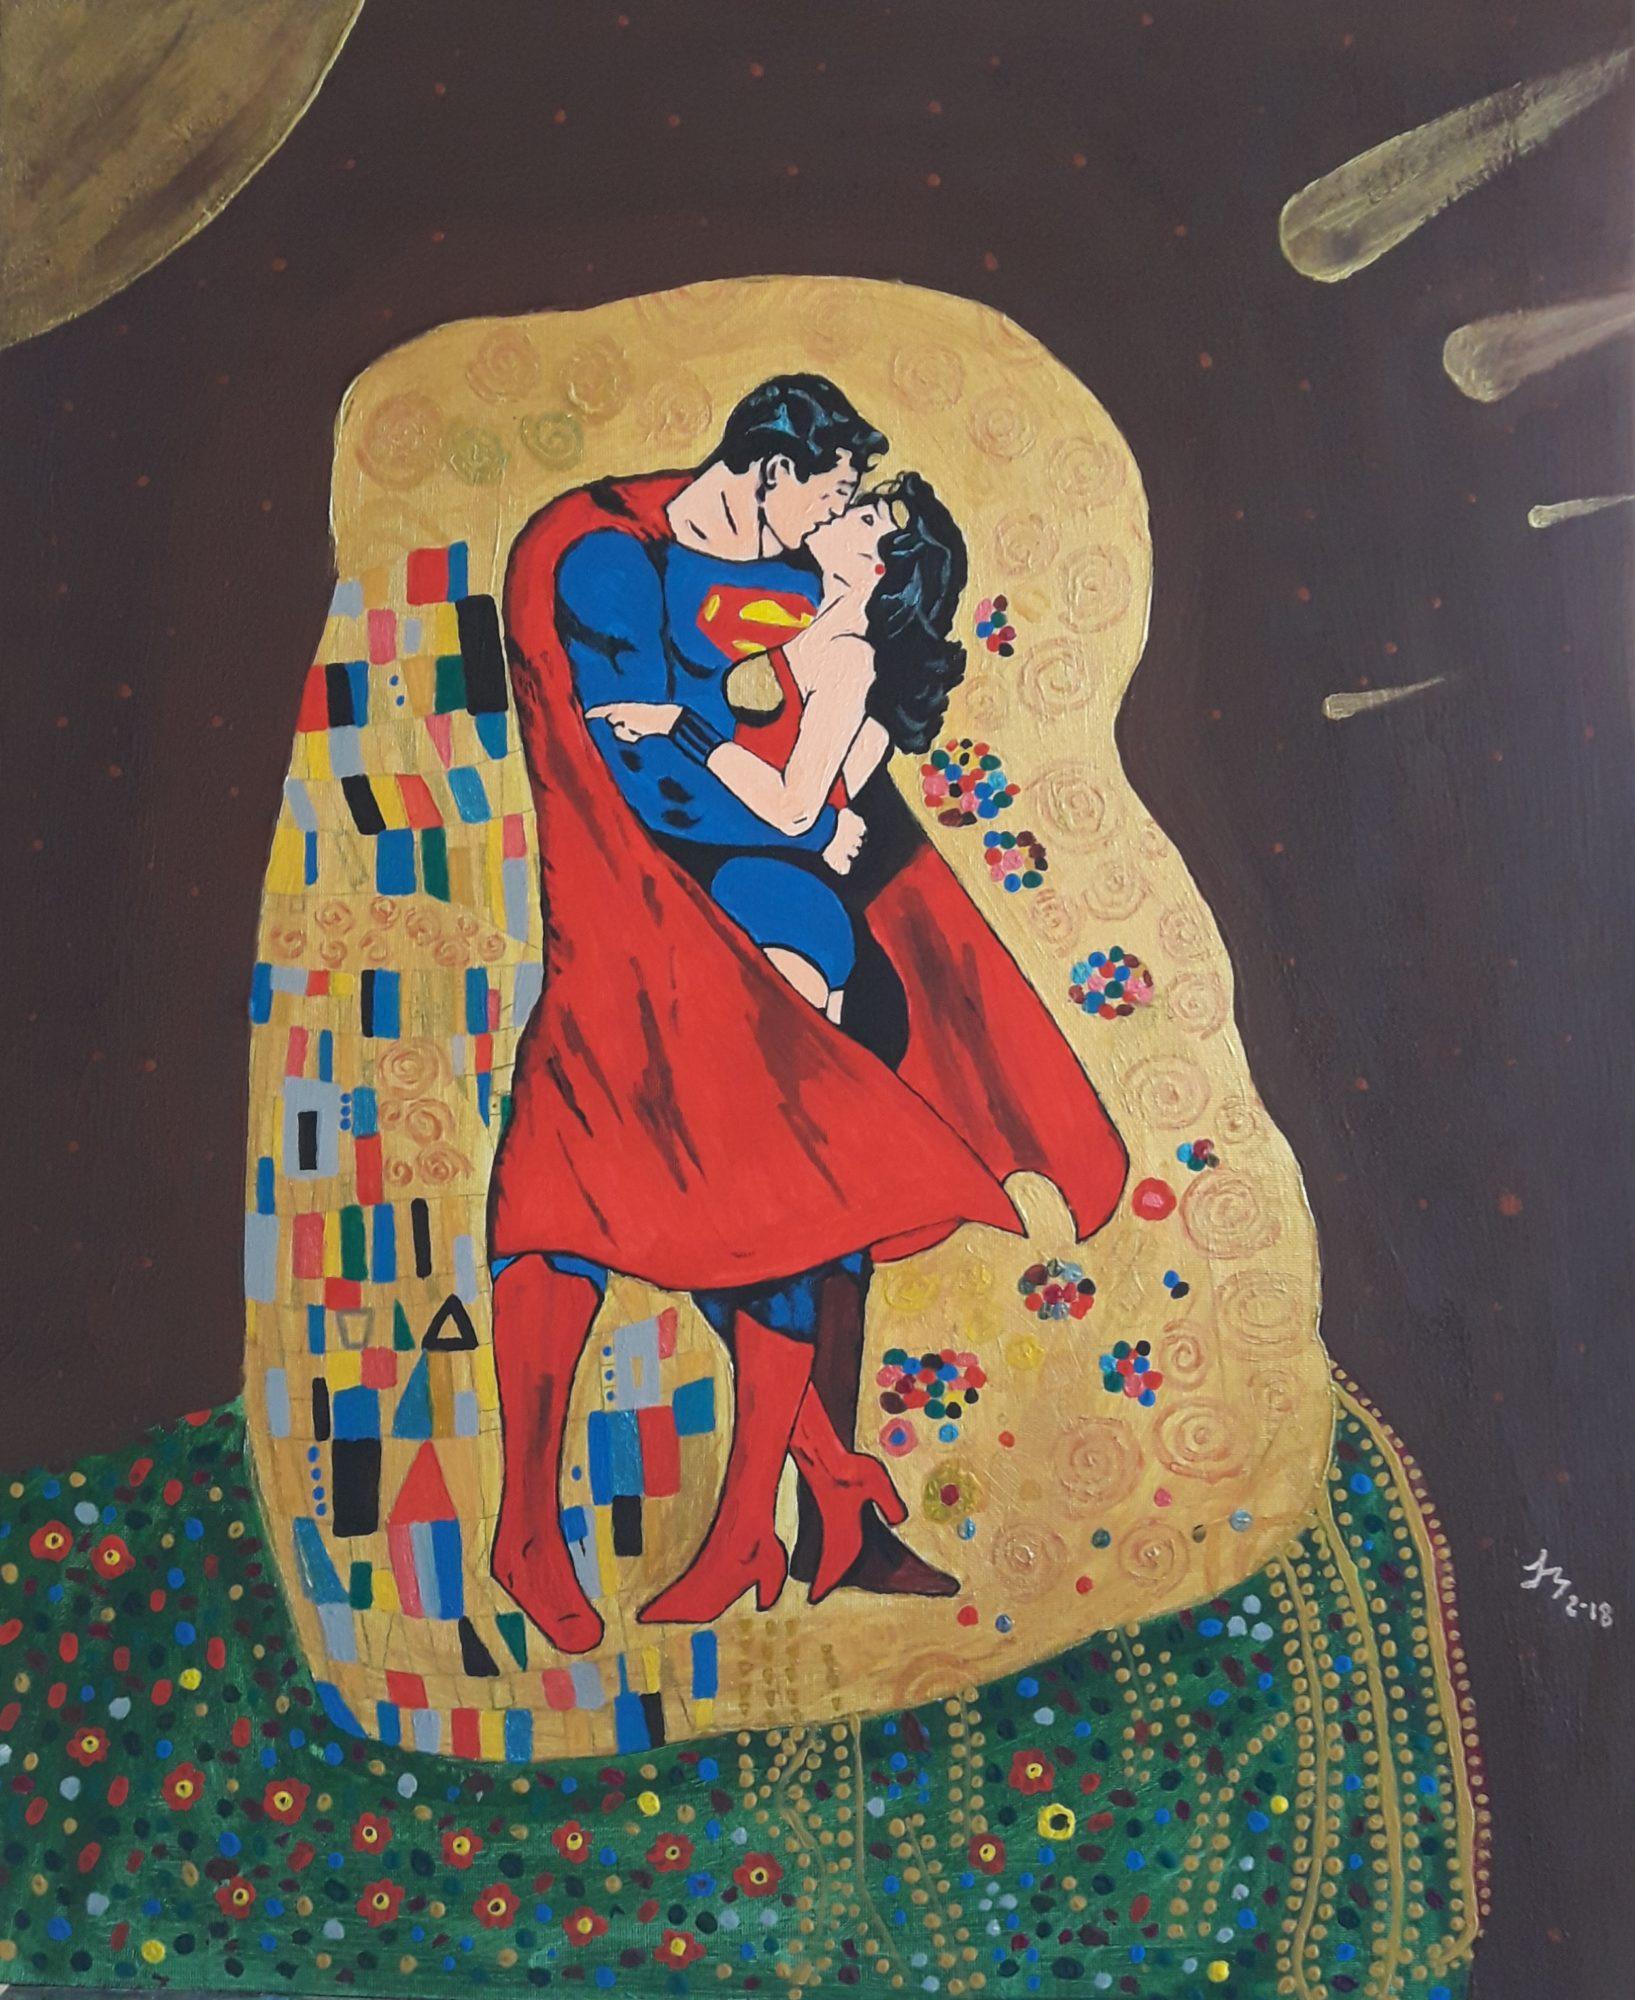 Dos súperheroes se besan, el fondo recuerda al cuadro de Klimt.